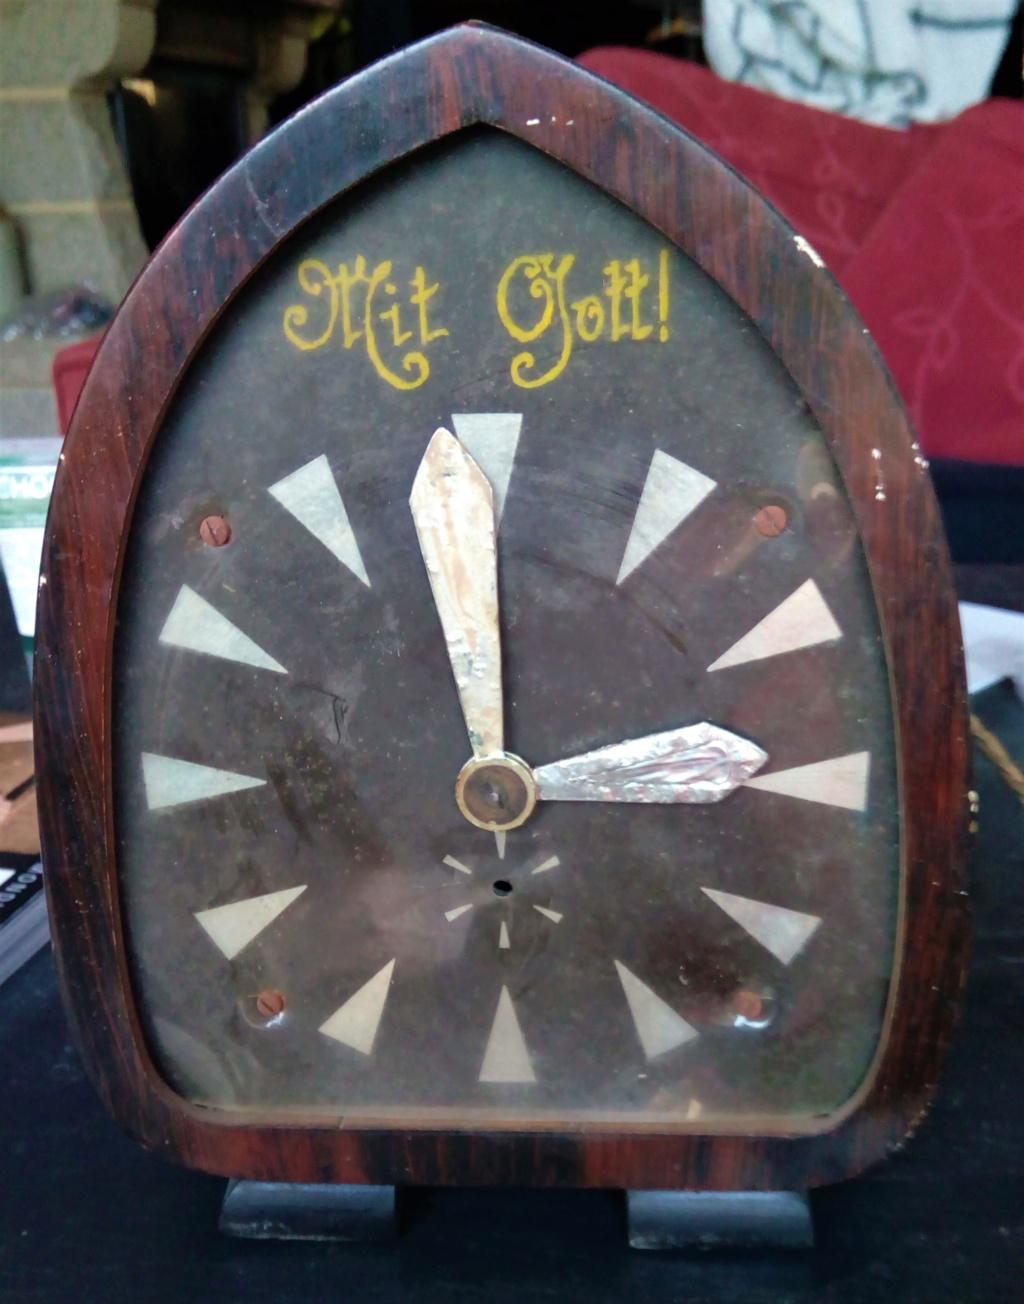 horloge de mess ????? Img_2159